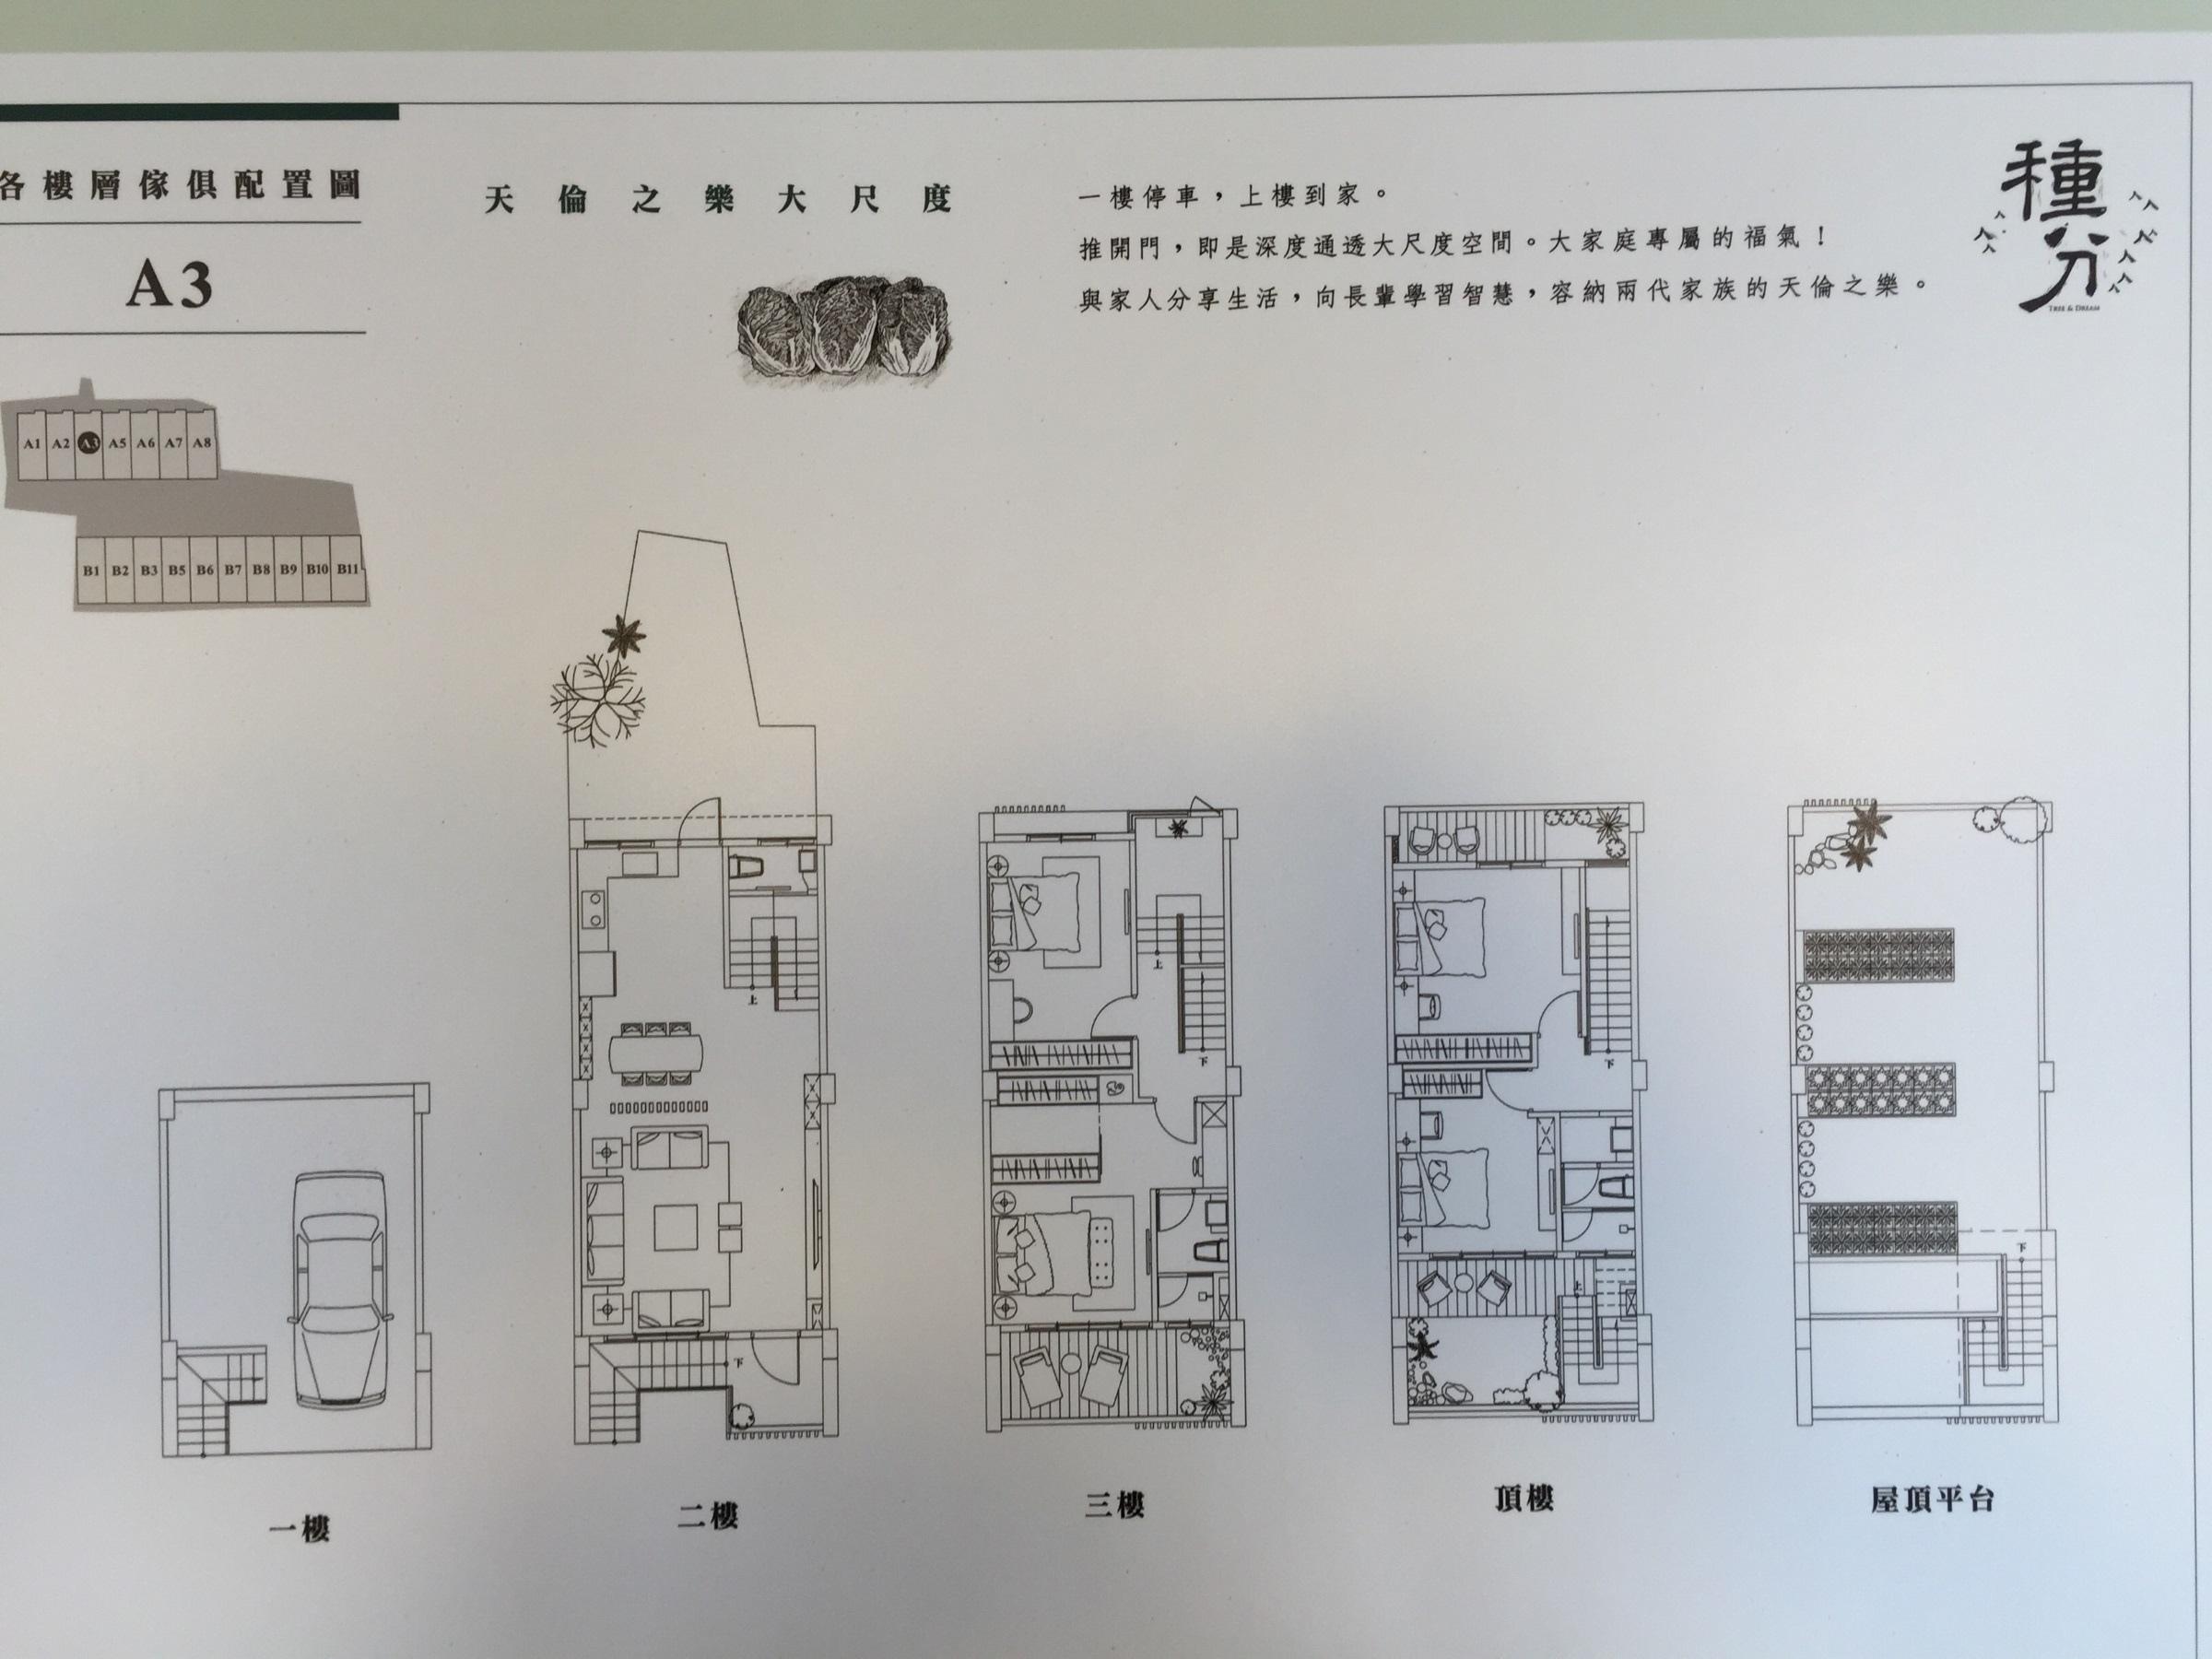 [竹東軟橋] 勝駿建設「種分」(透天)2014-11-12 015 高清版.jpg